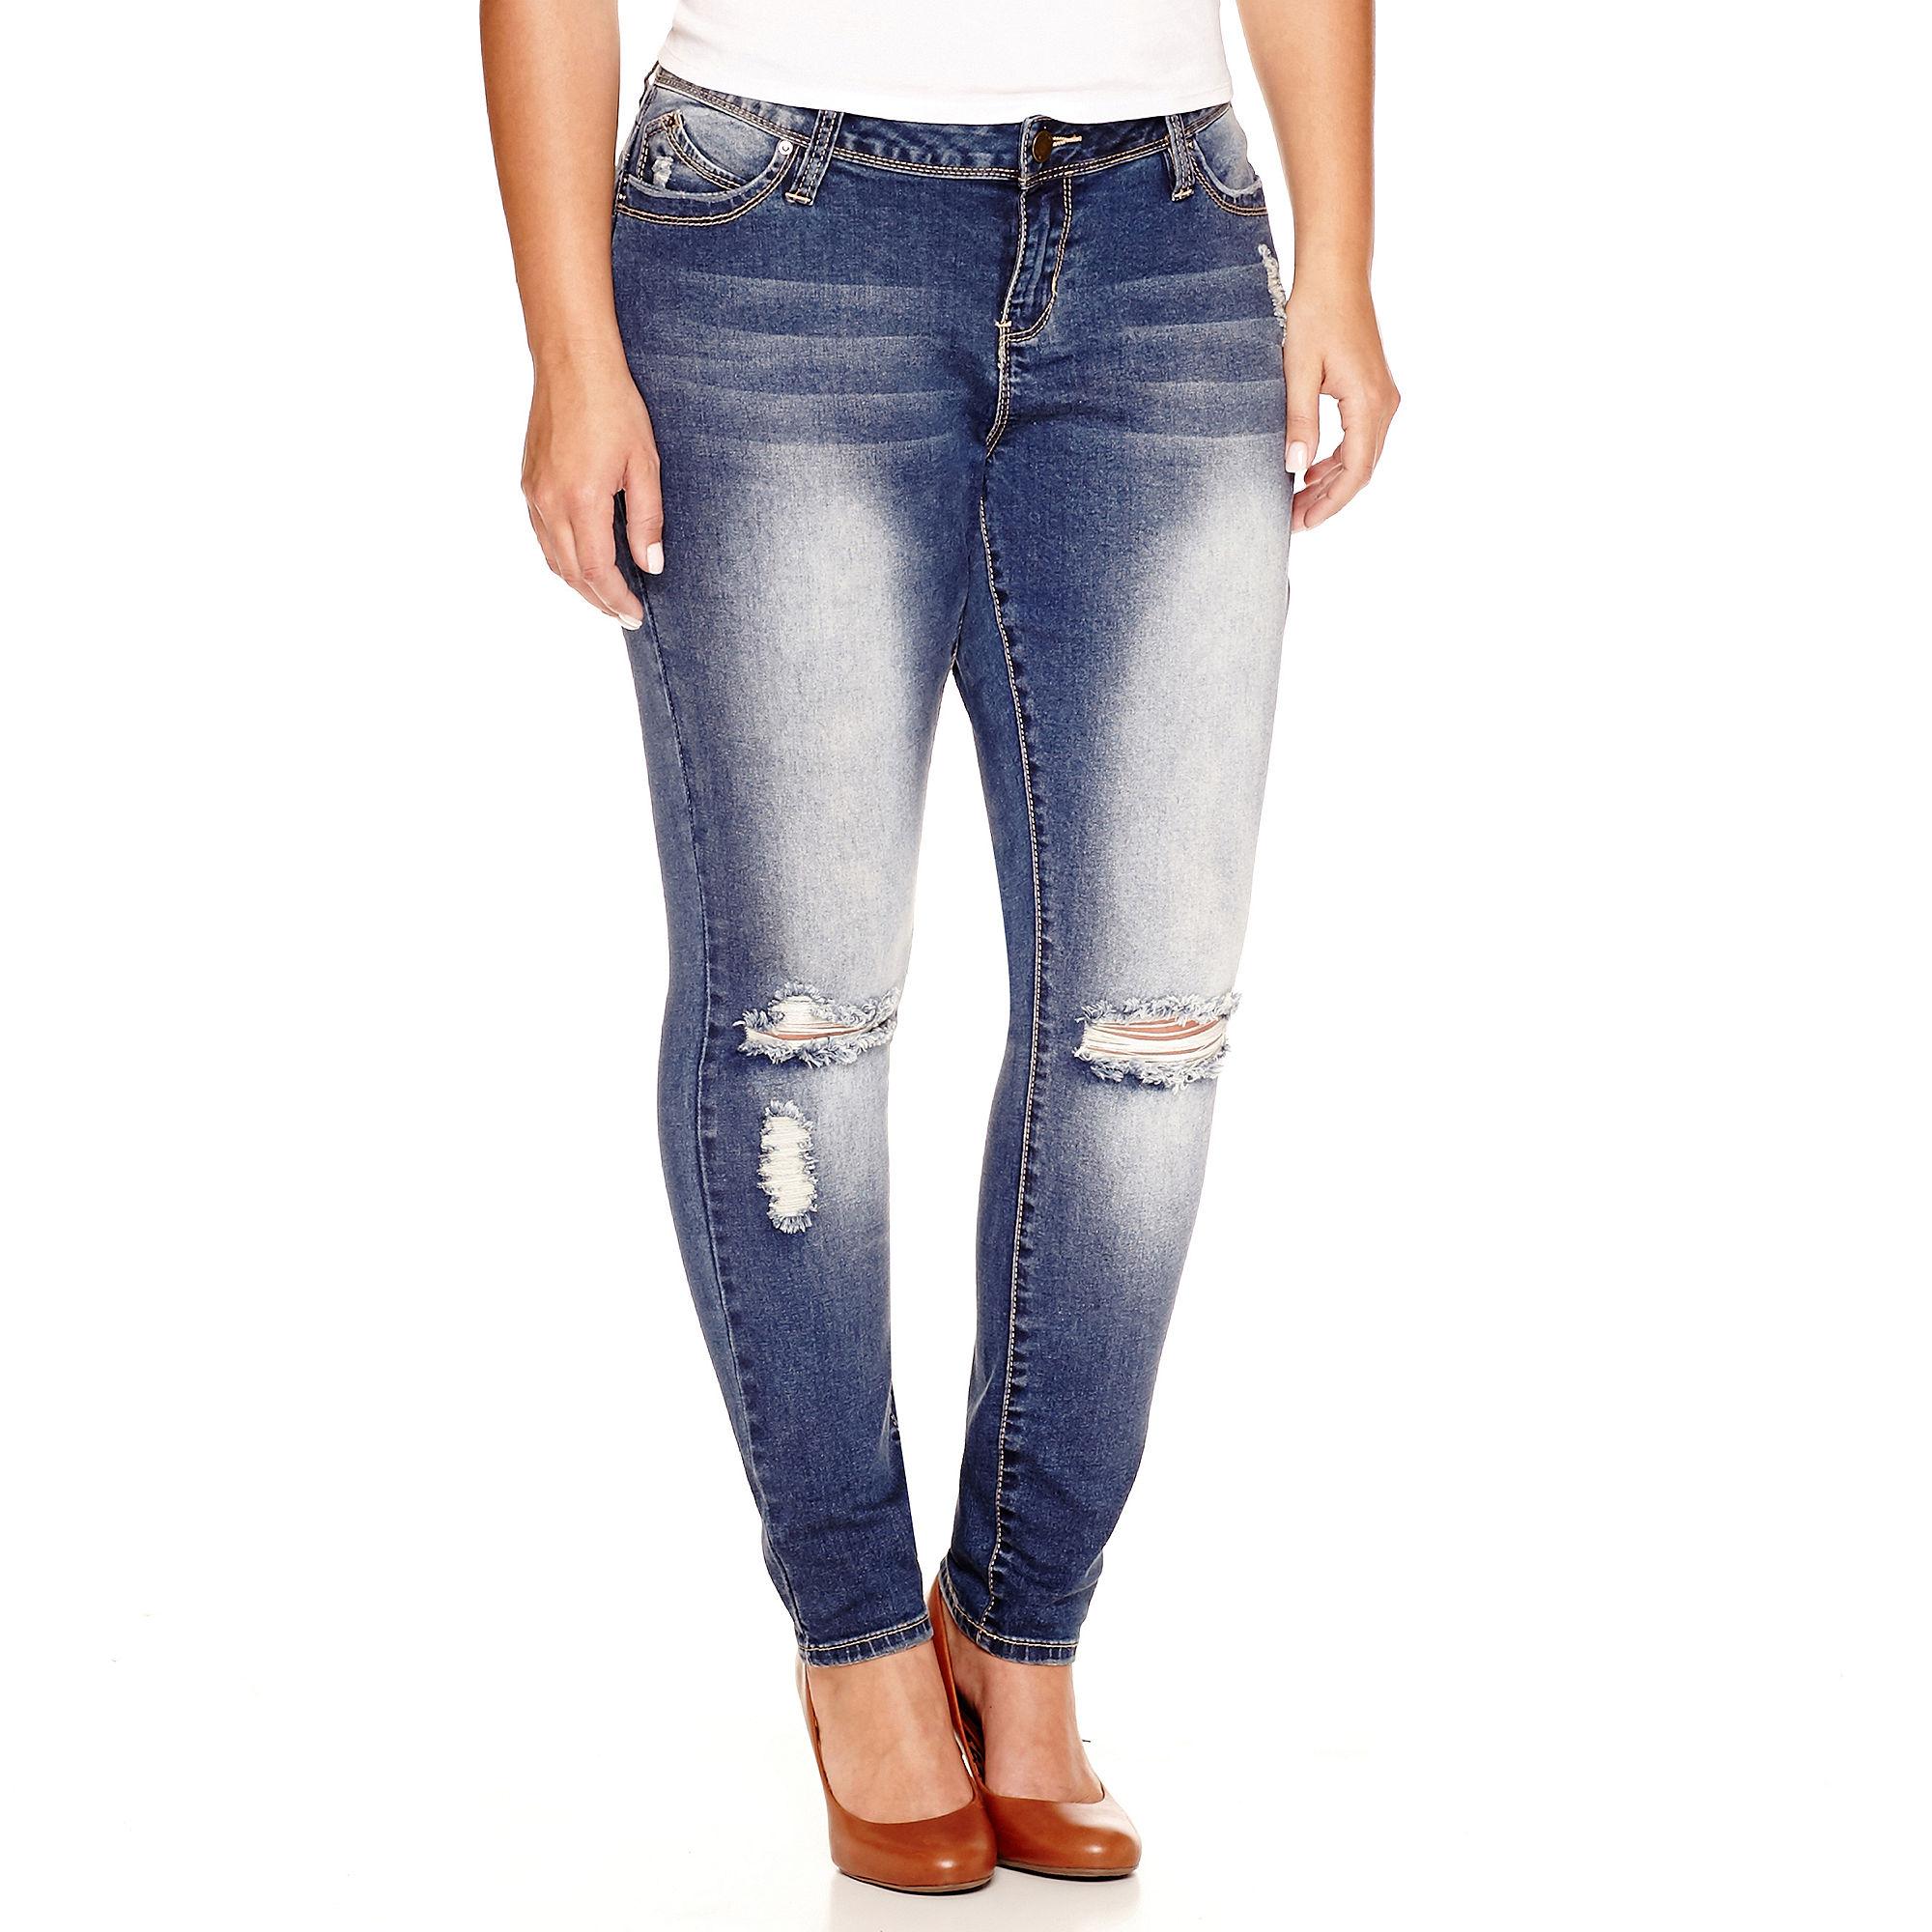 YMI Wanna Betta Butt Destructed Skinny Jeans - Plus